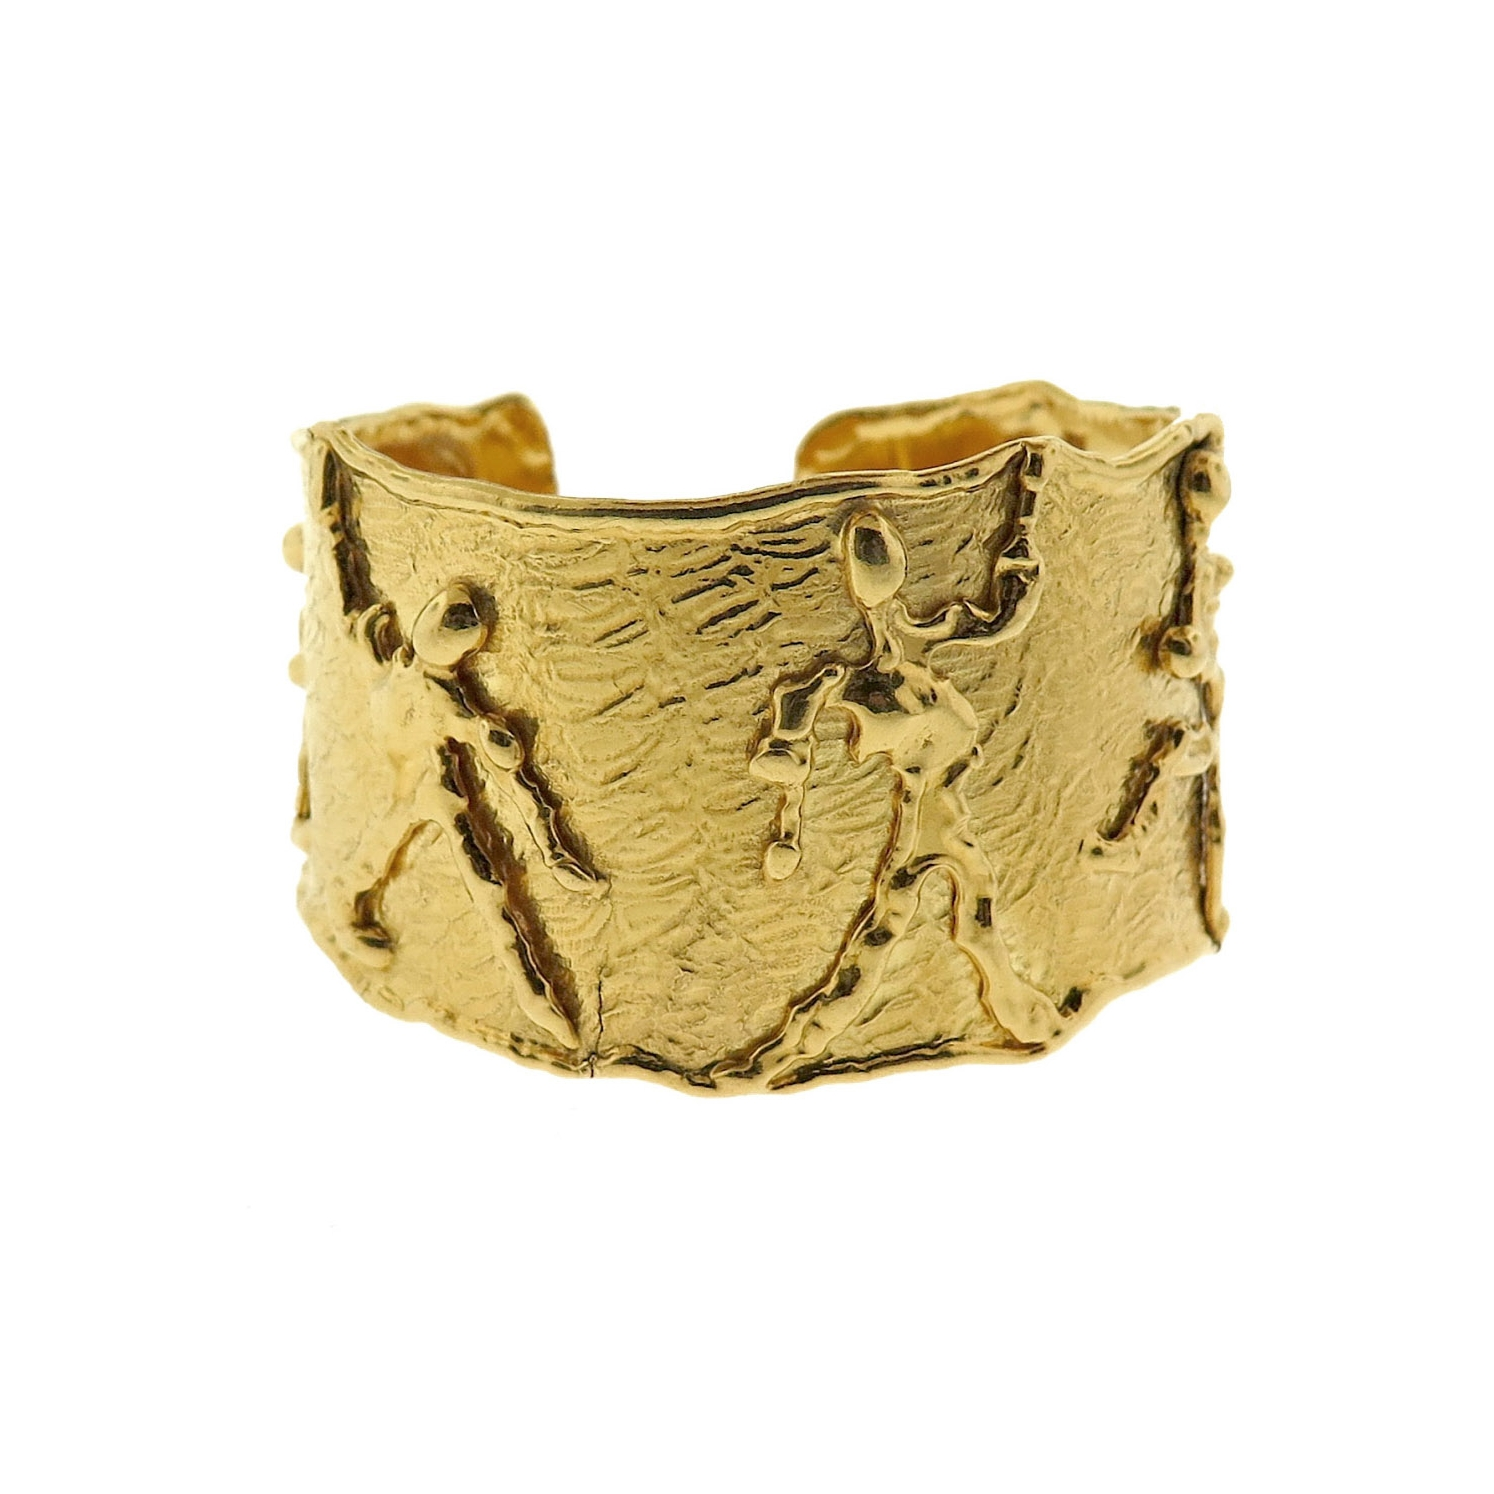 Jean Mahie Gold Cuff Bracelet - SOLD